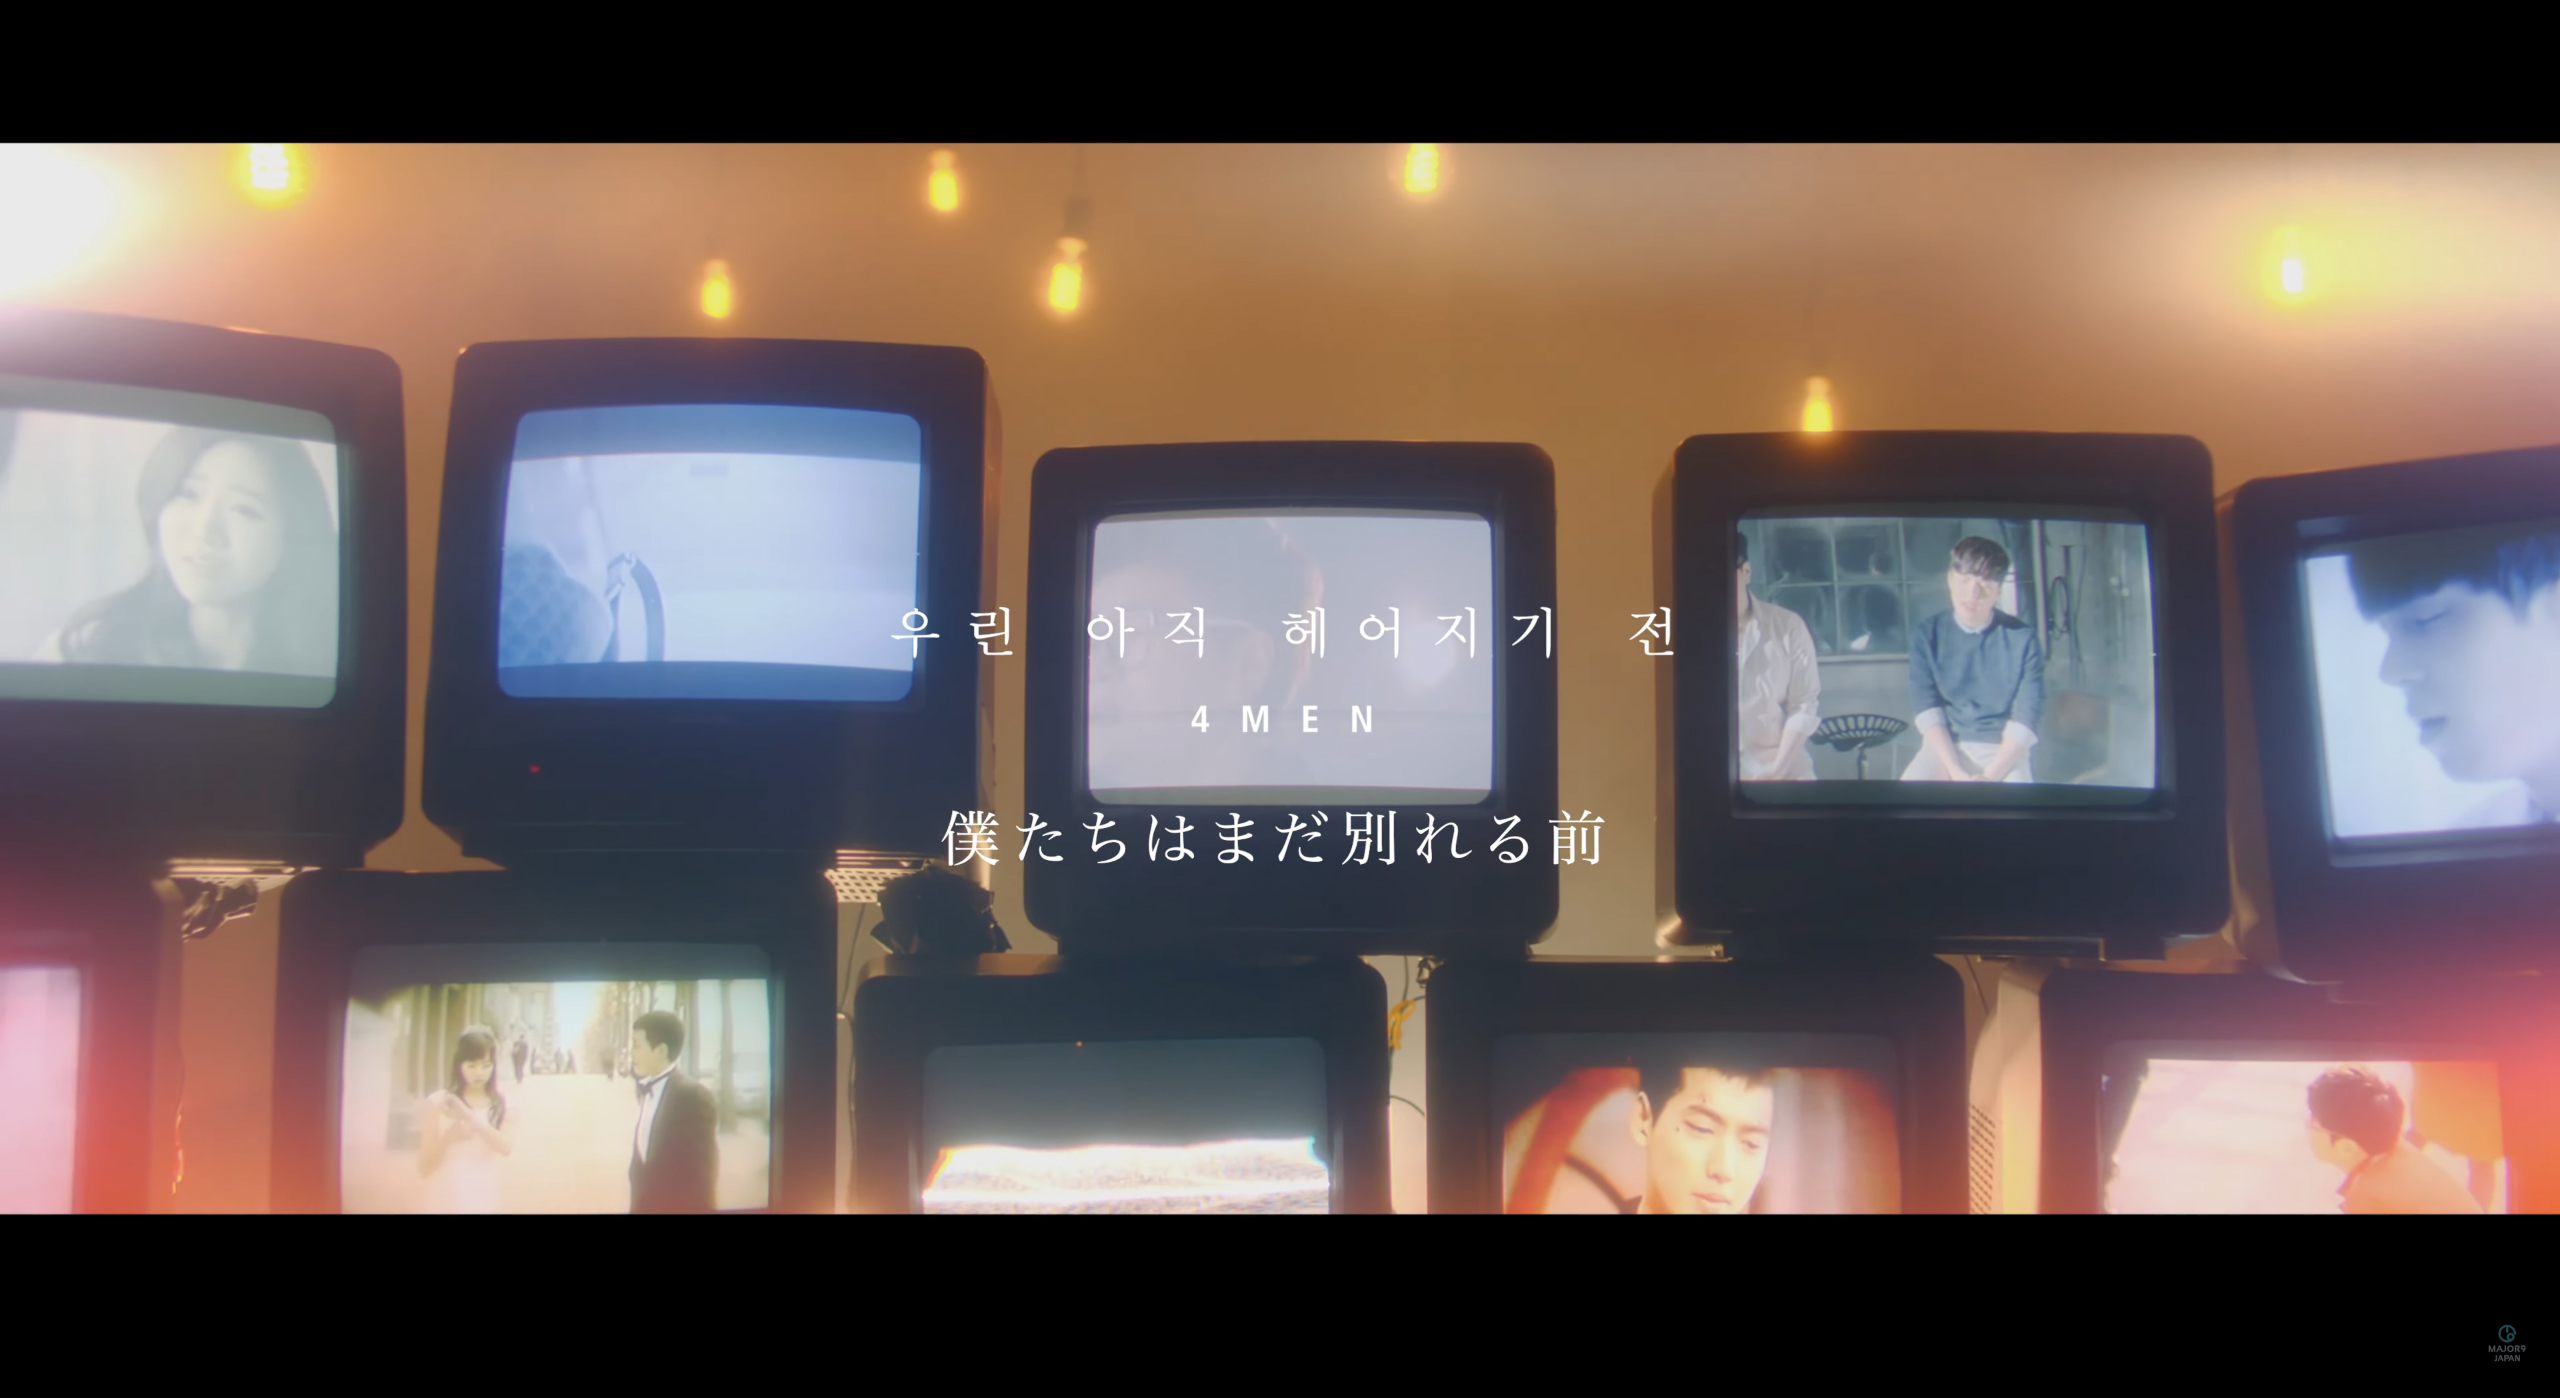 """韓国屈指のR&Bボーカルグループ""""4MEN""""新メンバーでの第4期始動! 最新シングル「僕たちはまだ別れる前」を配信開始"""